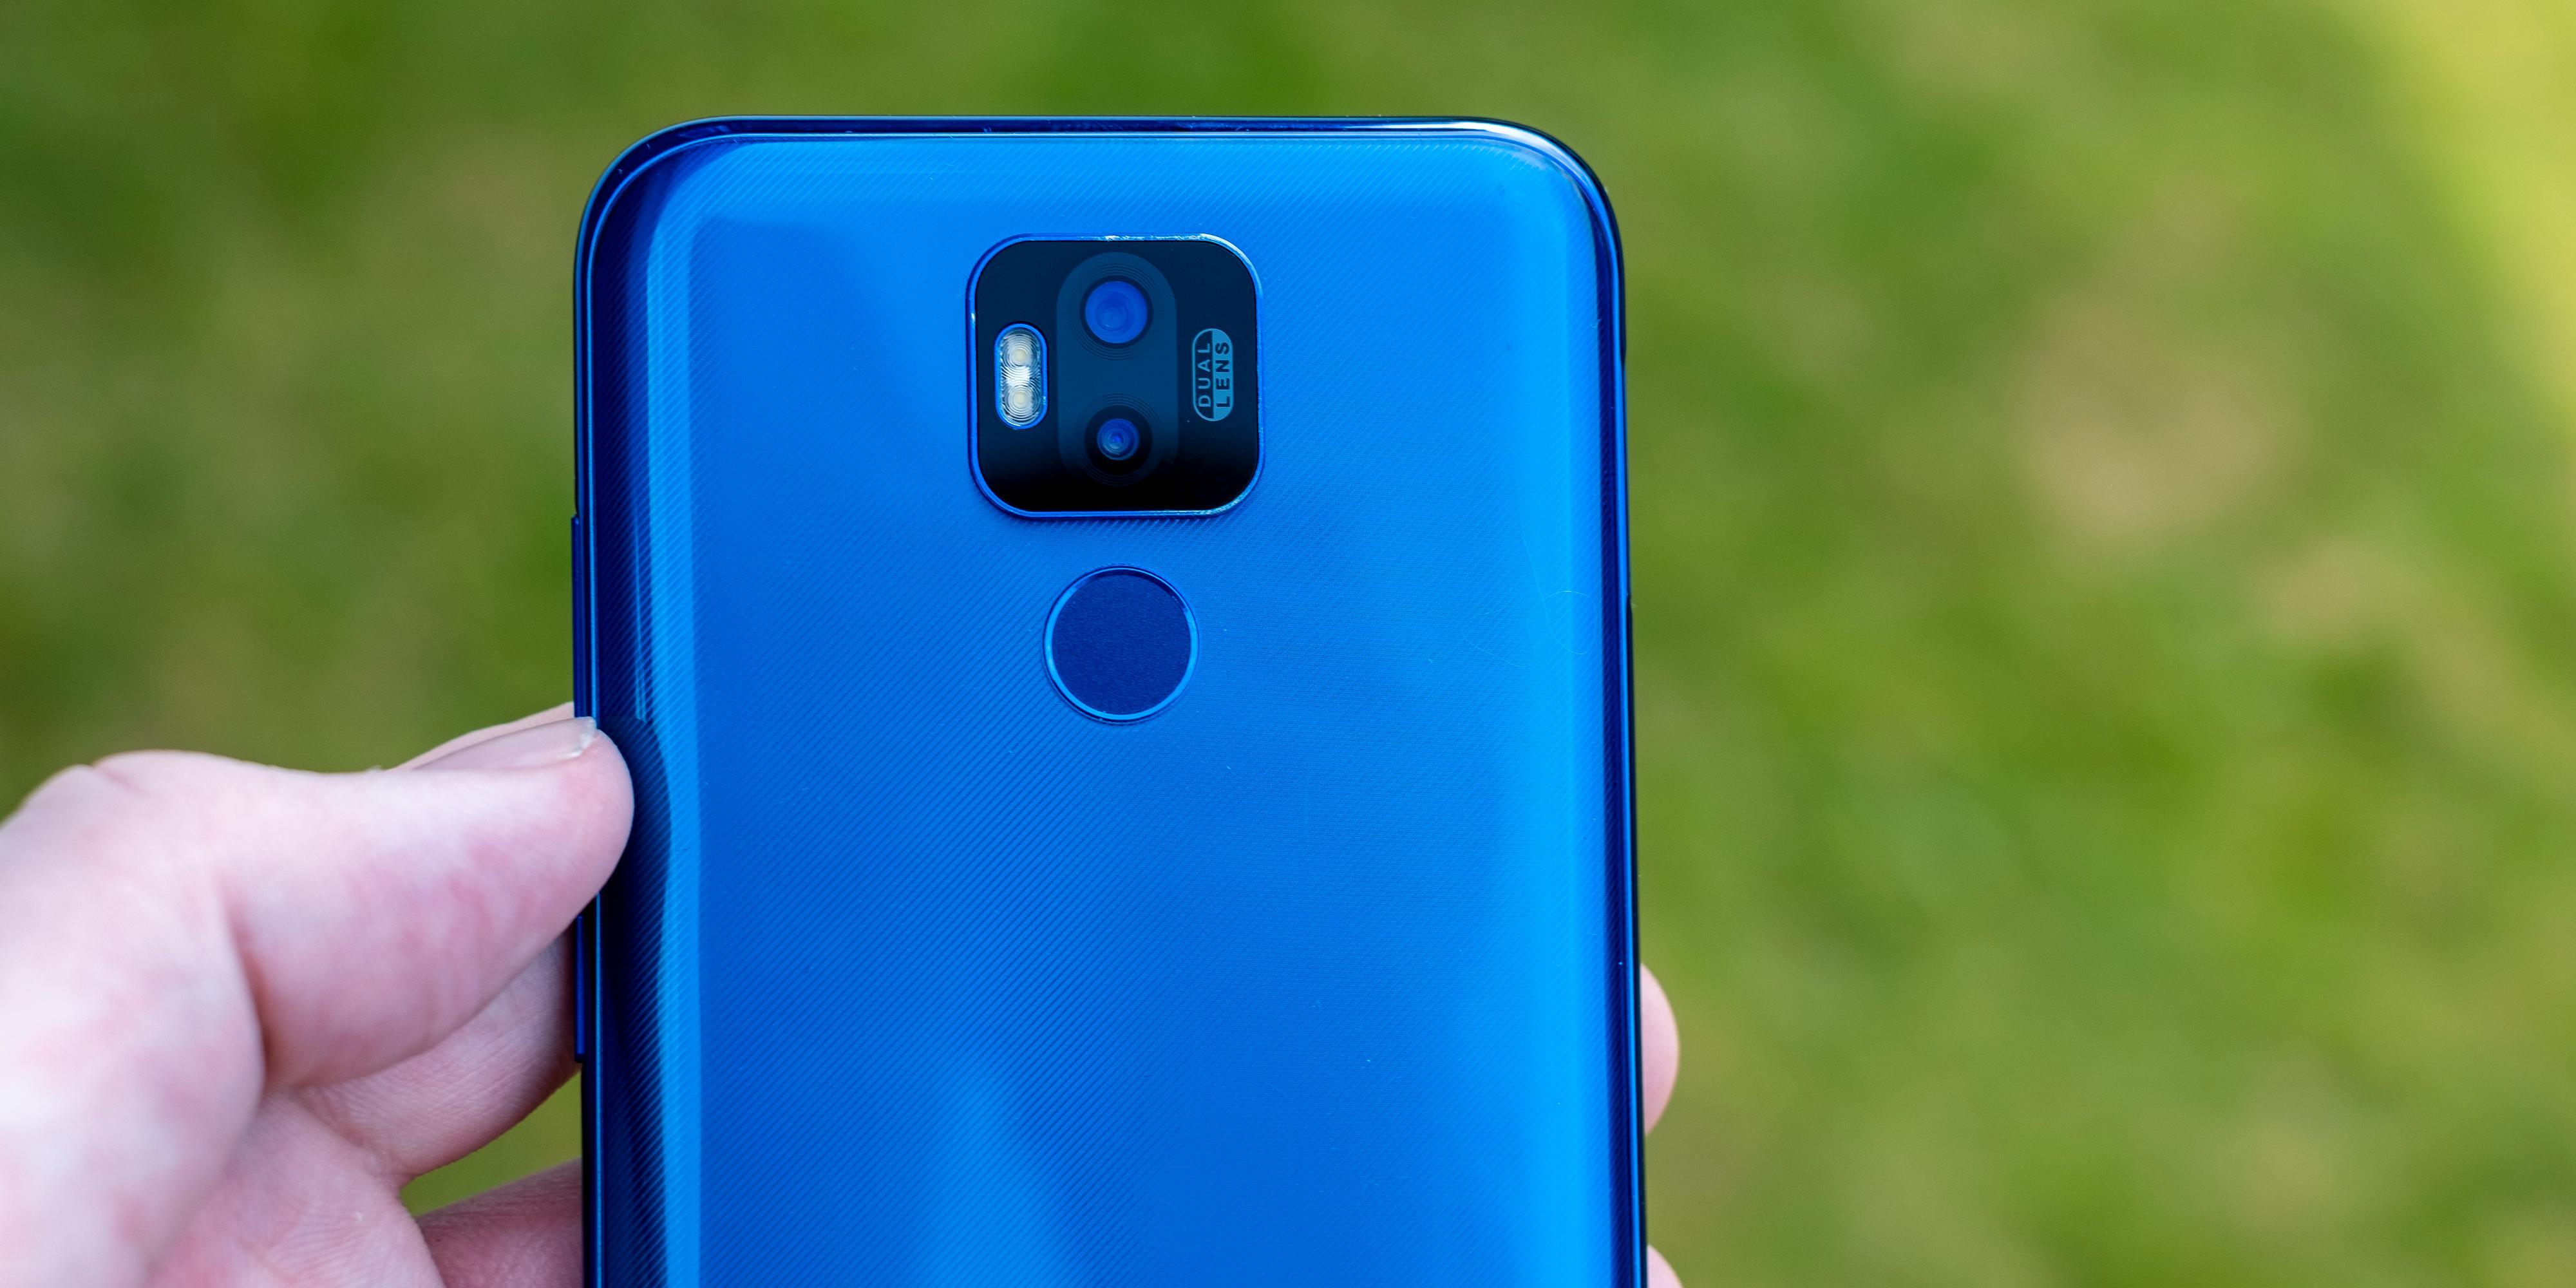 Kameraet på baksiden av Power 6 er som i billige telefoner flest; ikke allverden. På sitt beste kan det gi gode resultat, men det feiler såpass ofte at du bør sjekke bildene med en gang og eventuelt ta et nytt hvis det blir uskarpt.